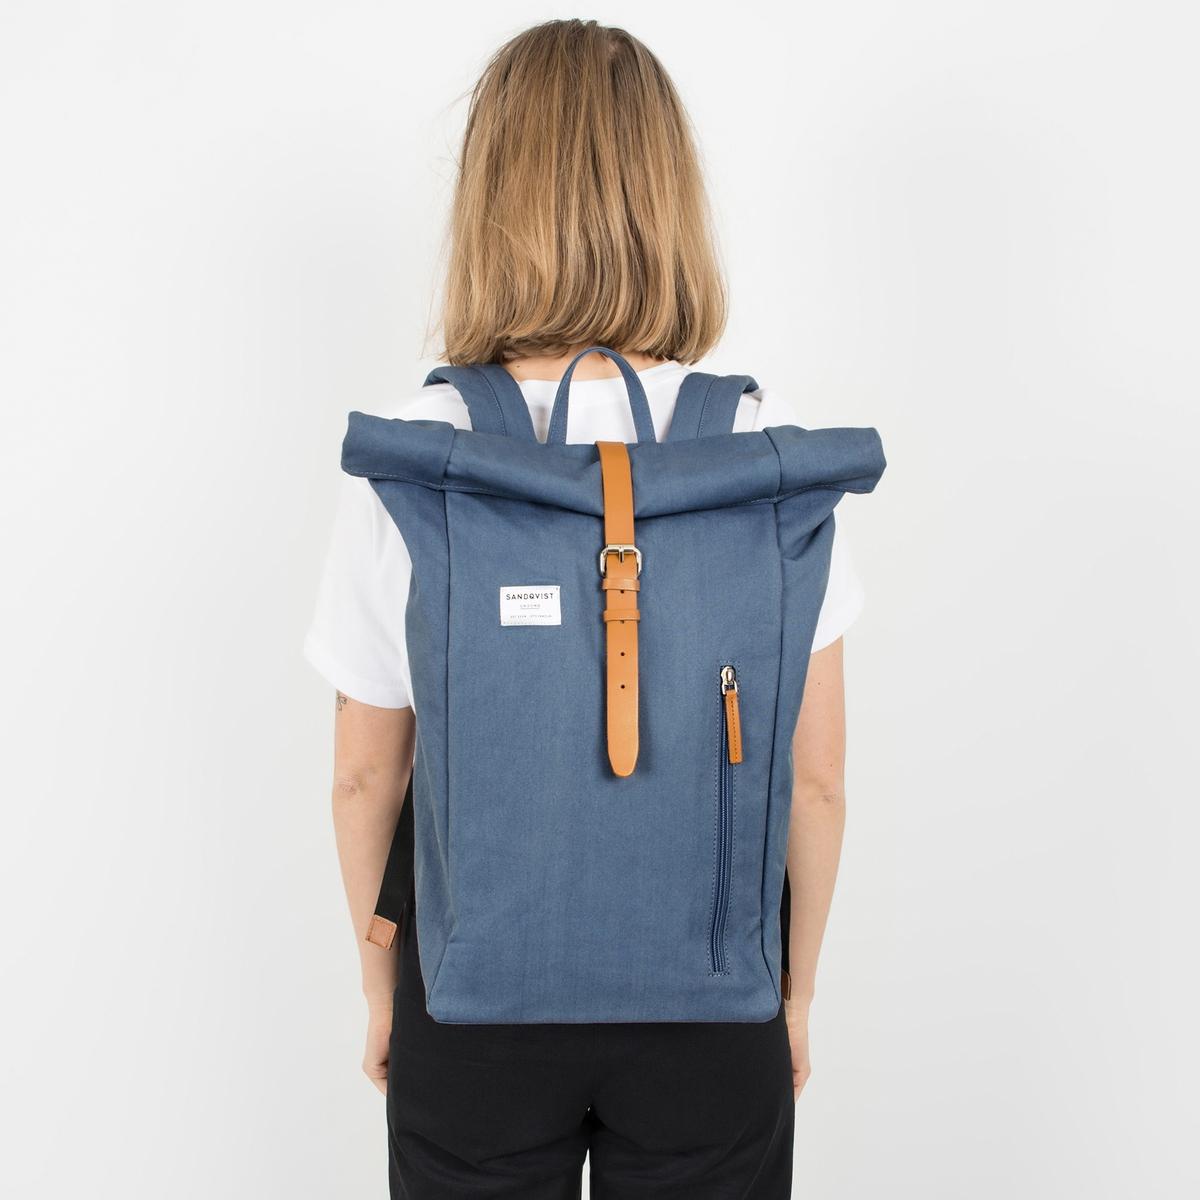 Рюкзак специально для ноутбука 15 дюймов, 18 л, DANTE iwona 18 дюймов